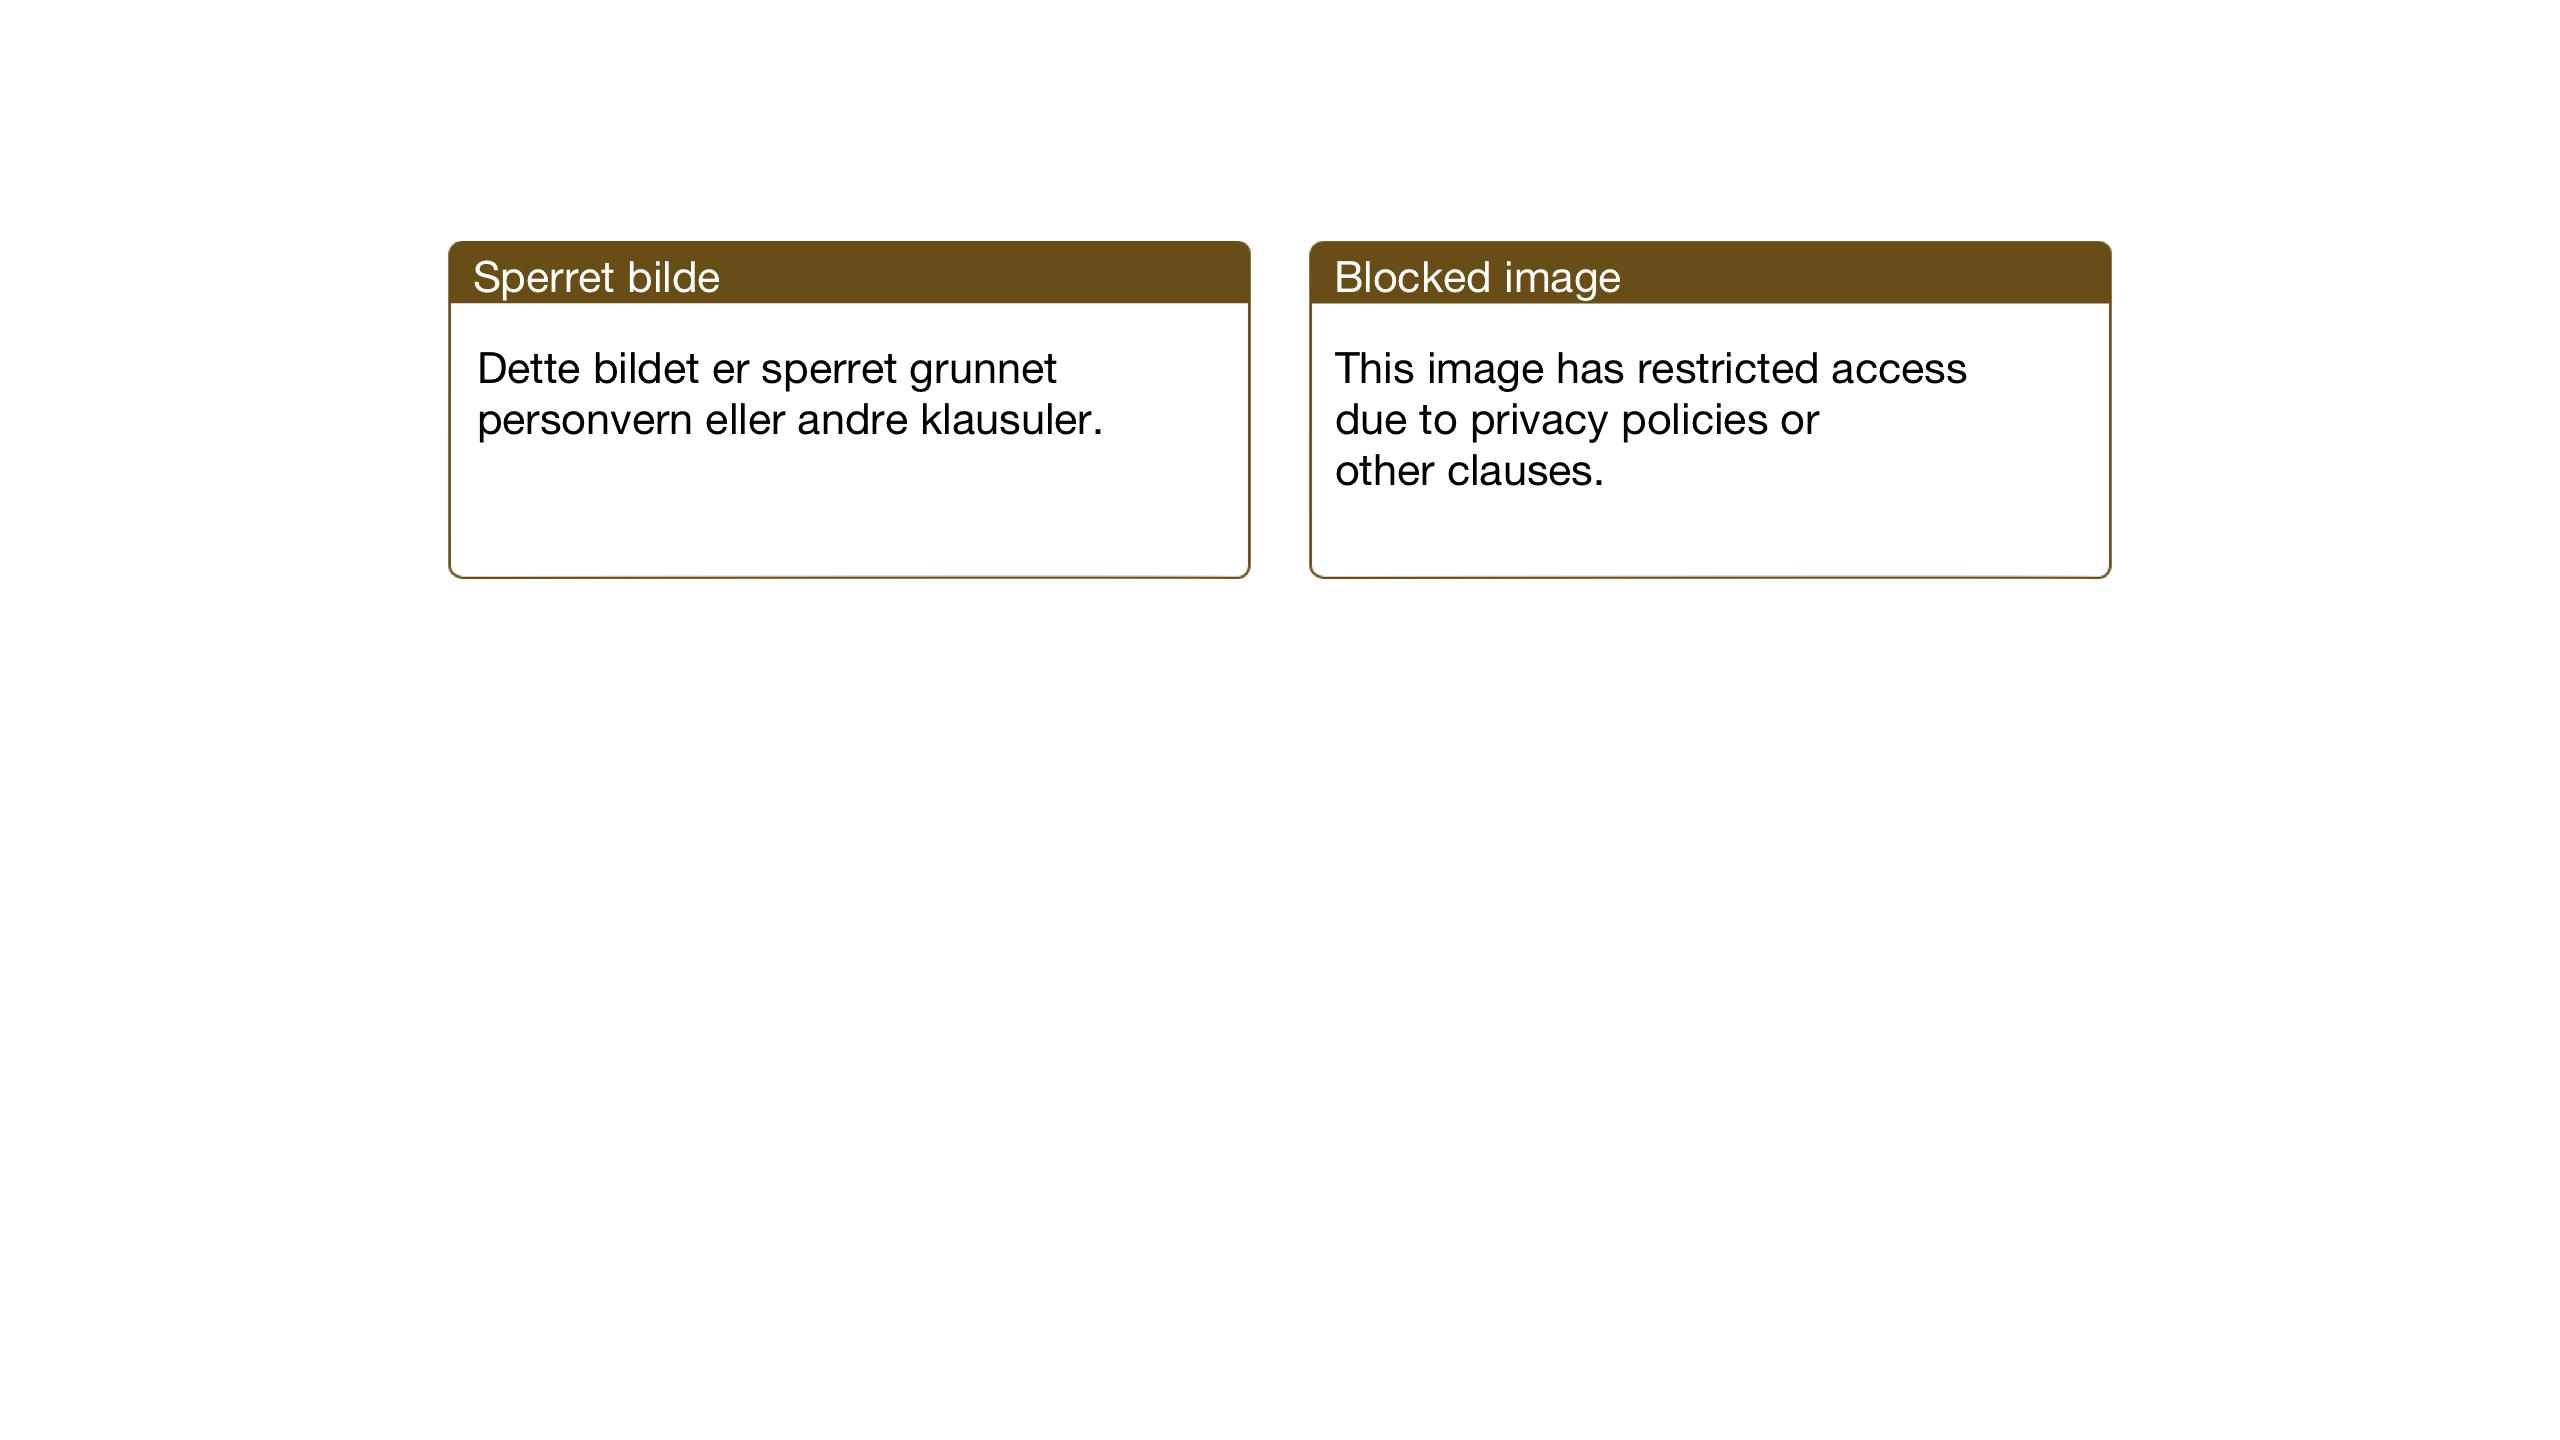 SAT, Ministerialprotokoller, klokkerbøker og fødselsregistre - Sør-Trøndelag, 653/L0658: Klokkerbok nr. 653C02, 1919-1947, s. 147